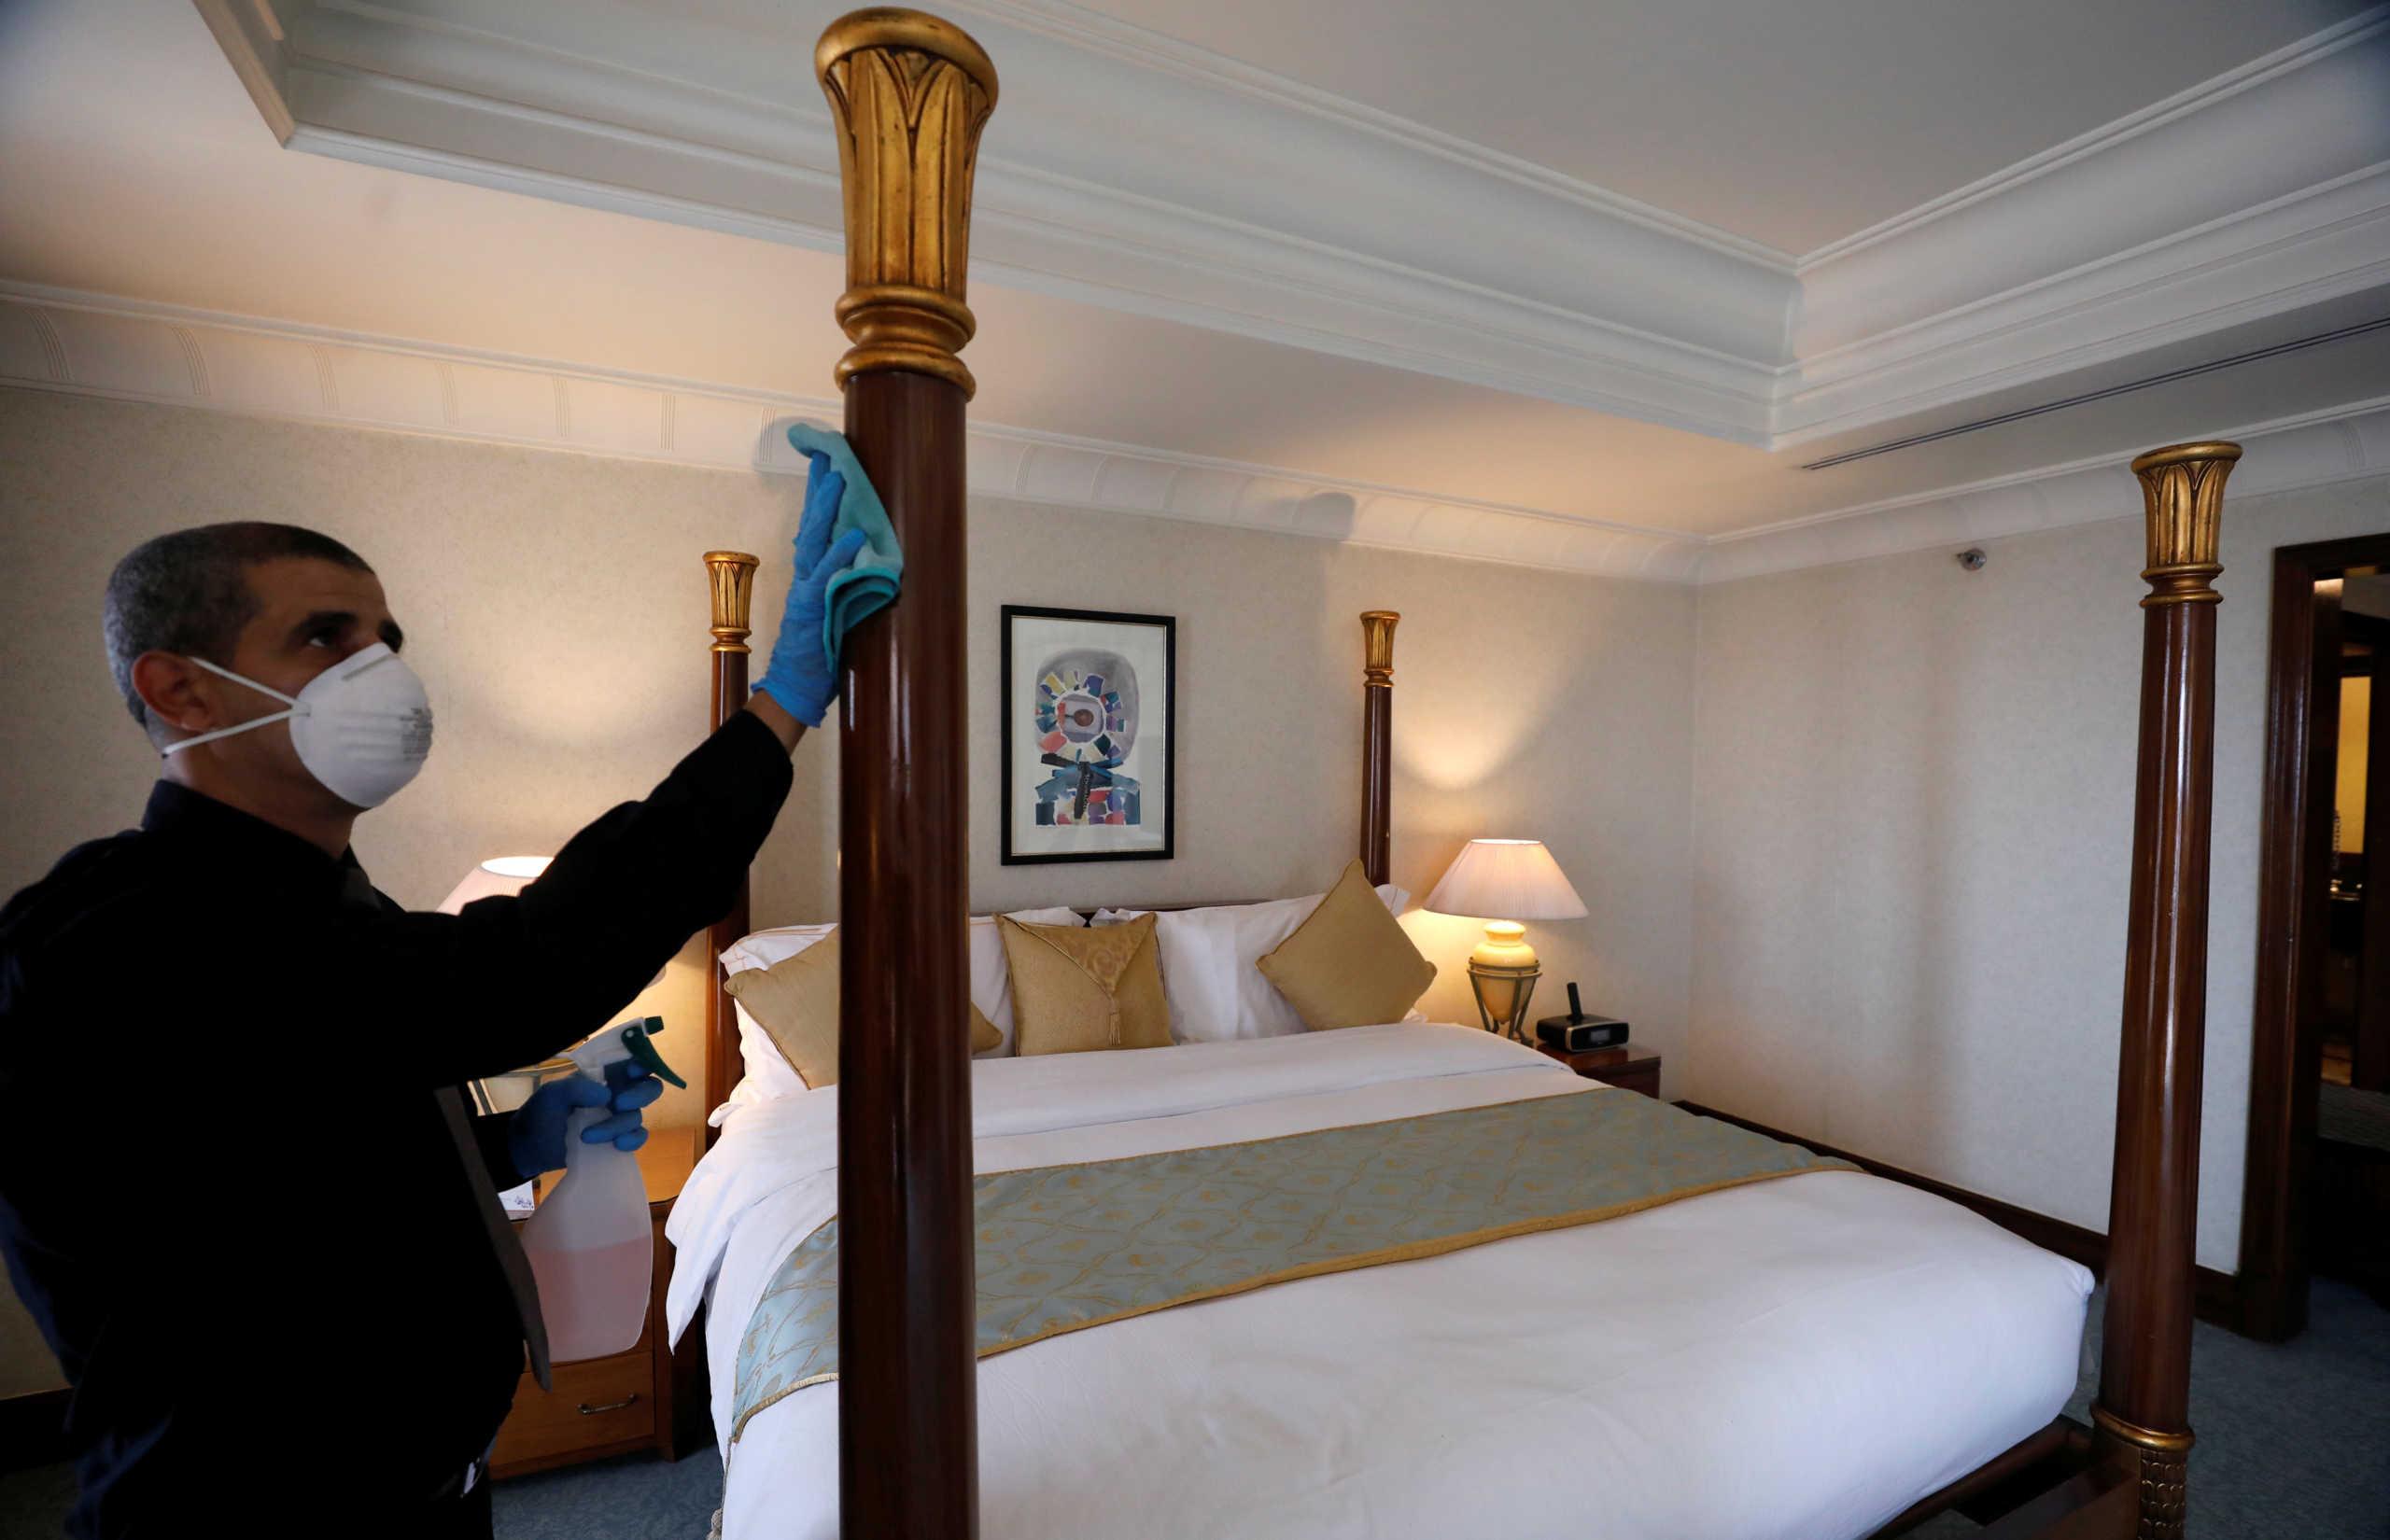 Κορονοϊός: Τι συμβαίνει με τις πληρωμές των ξενοδοχείων απομόνωσης